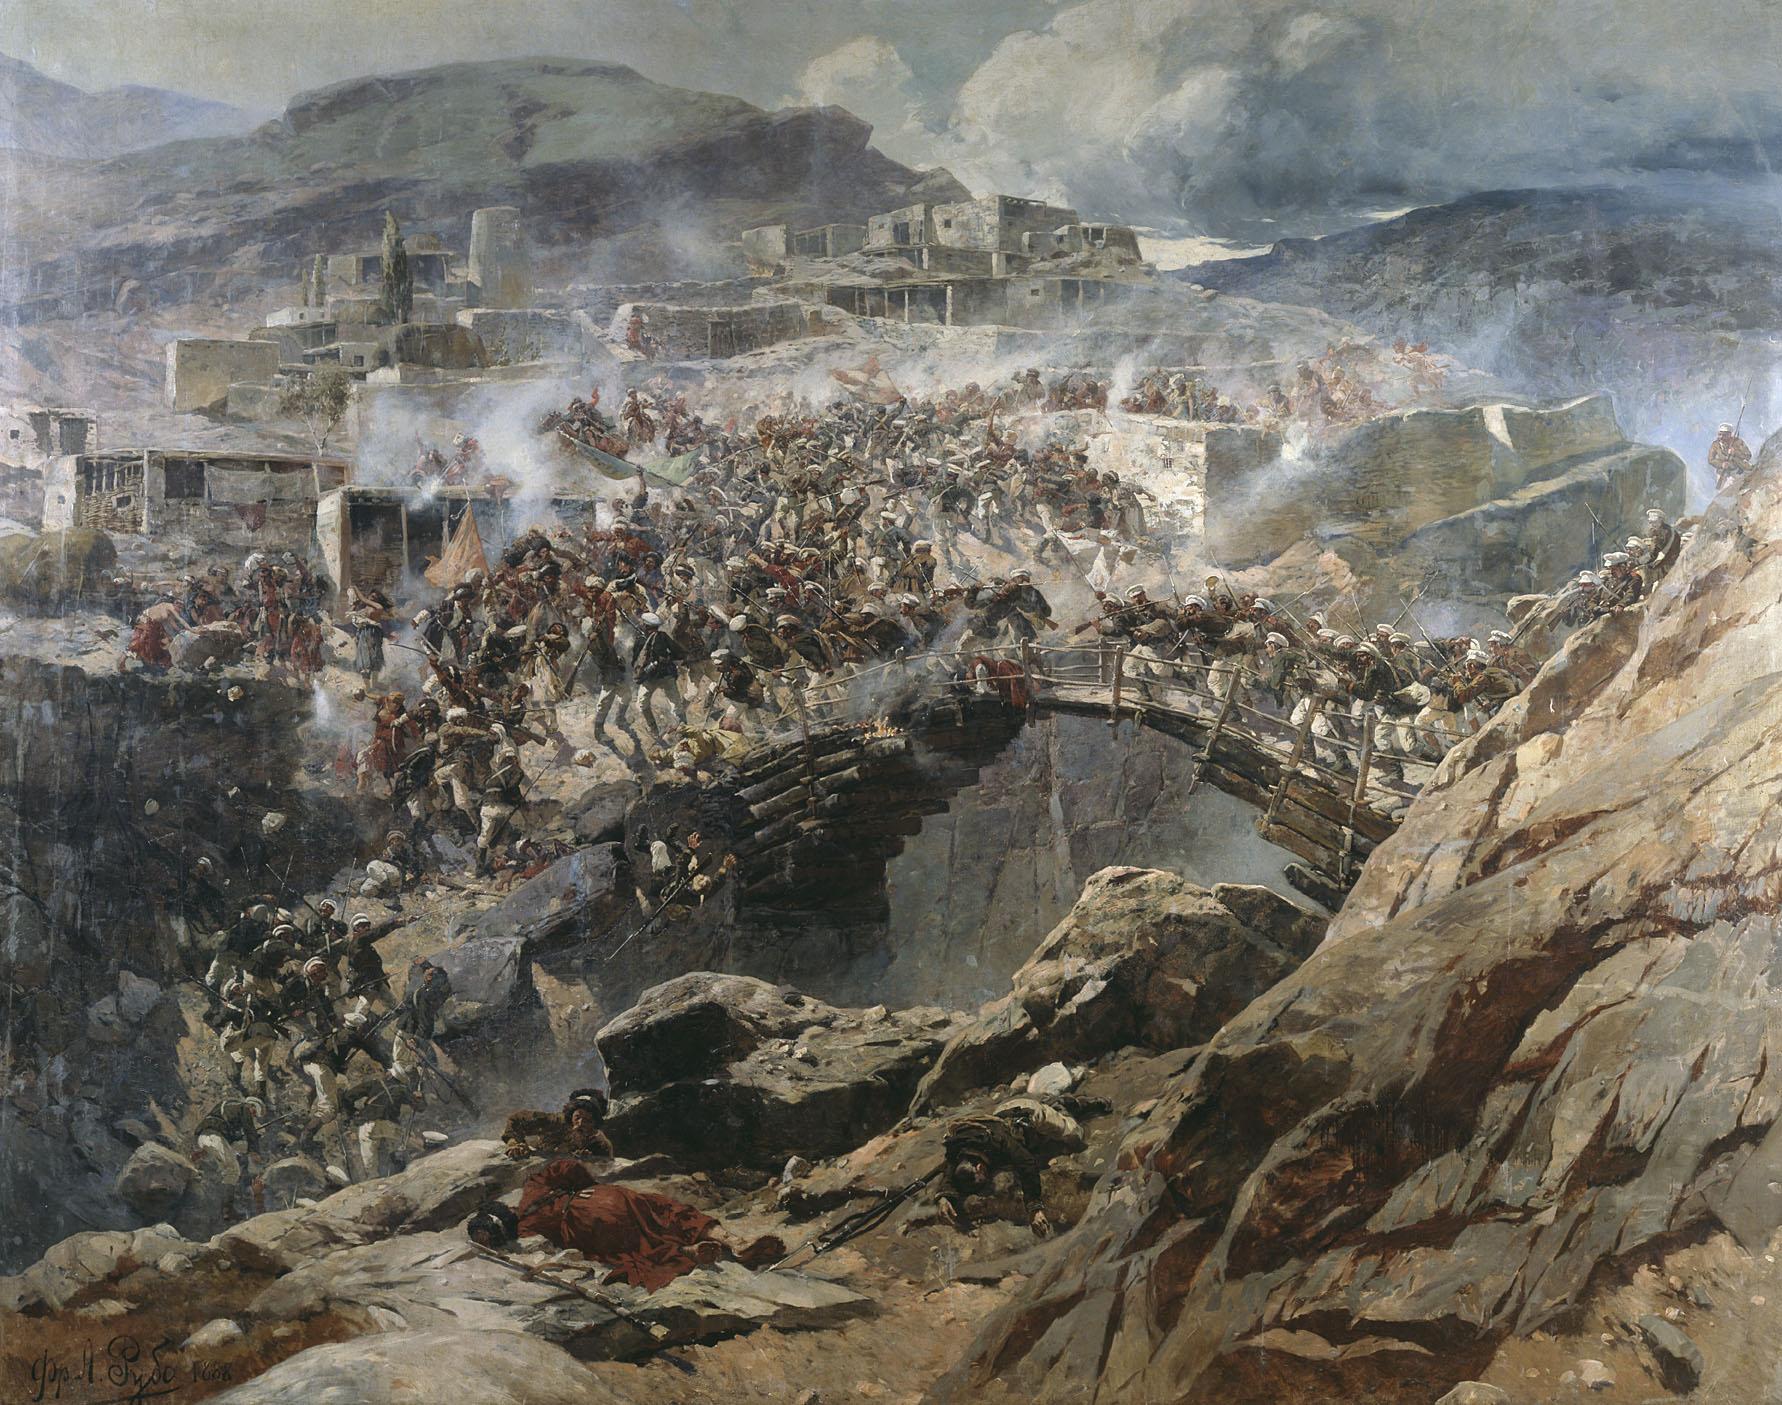 Франц Рубо, «Штурм аула Ахуль-го», резиденции Шамиля. 1839год, спустя 20лет после взятия Дади-Юрта— как видите, чеченцы правильных уроков неизвлекли.